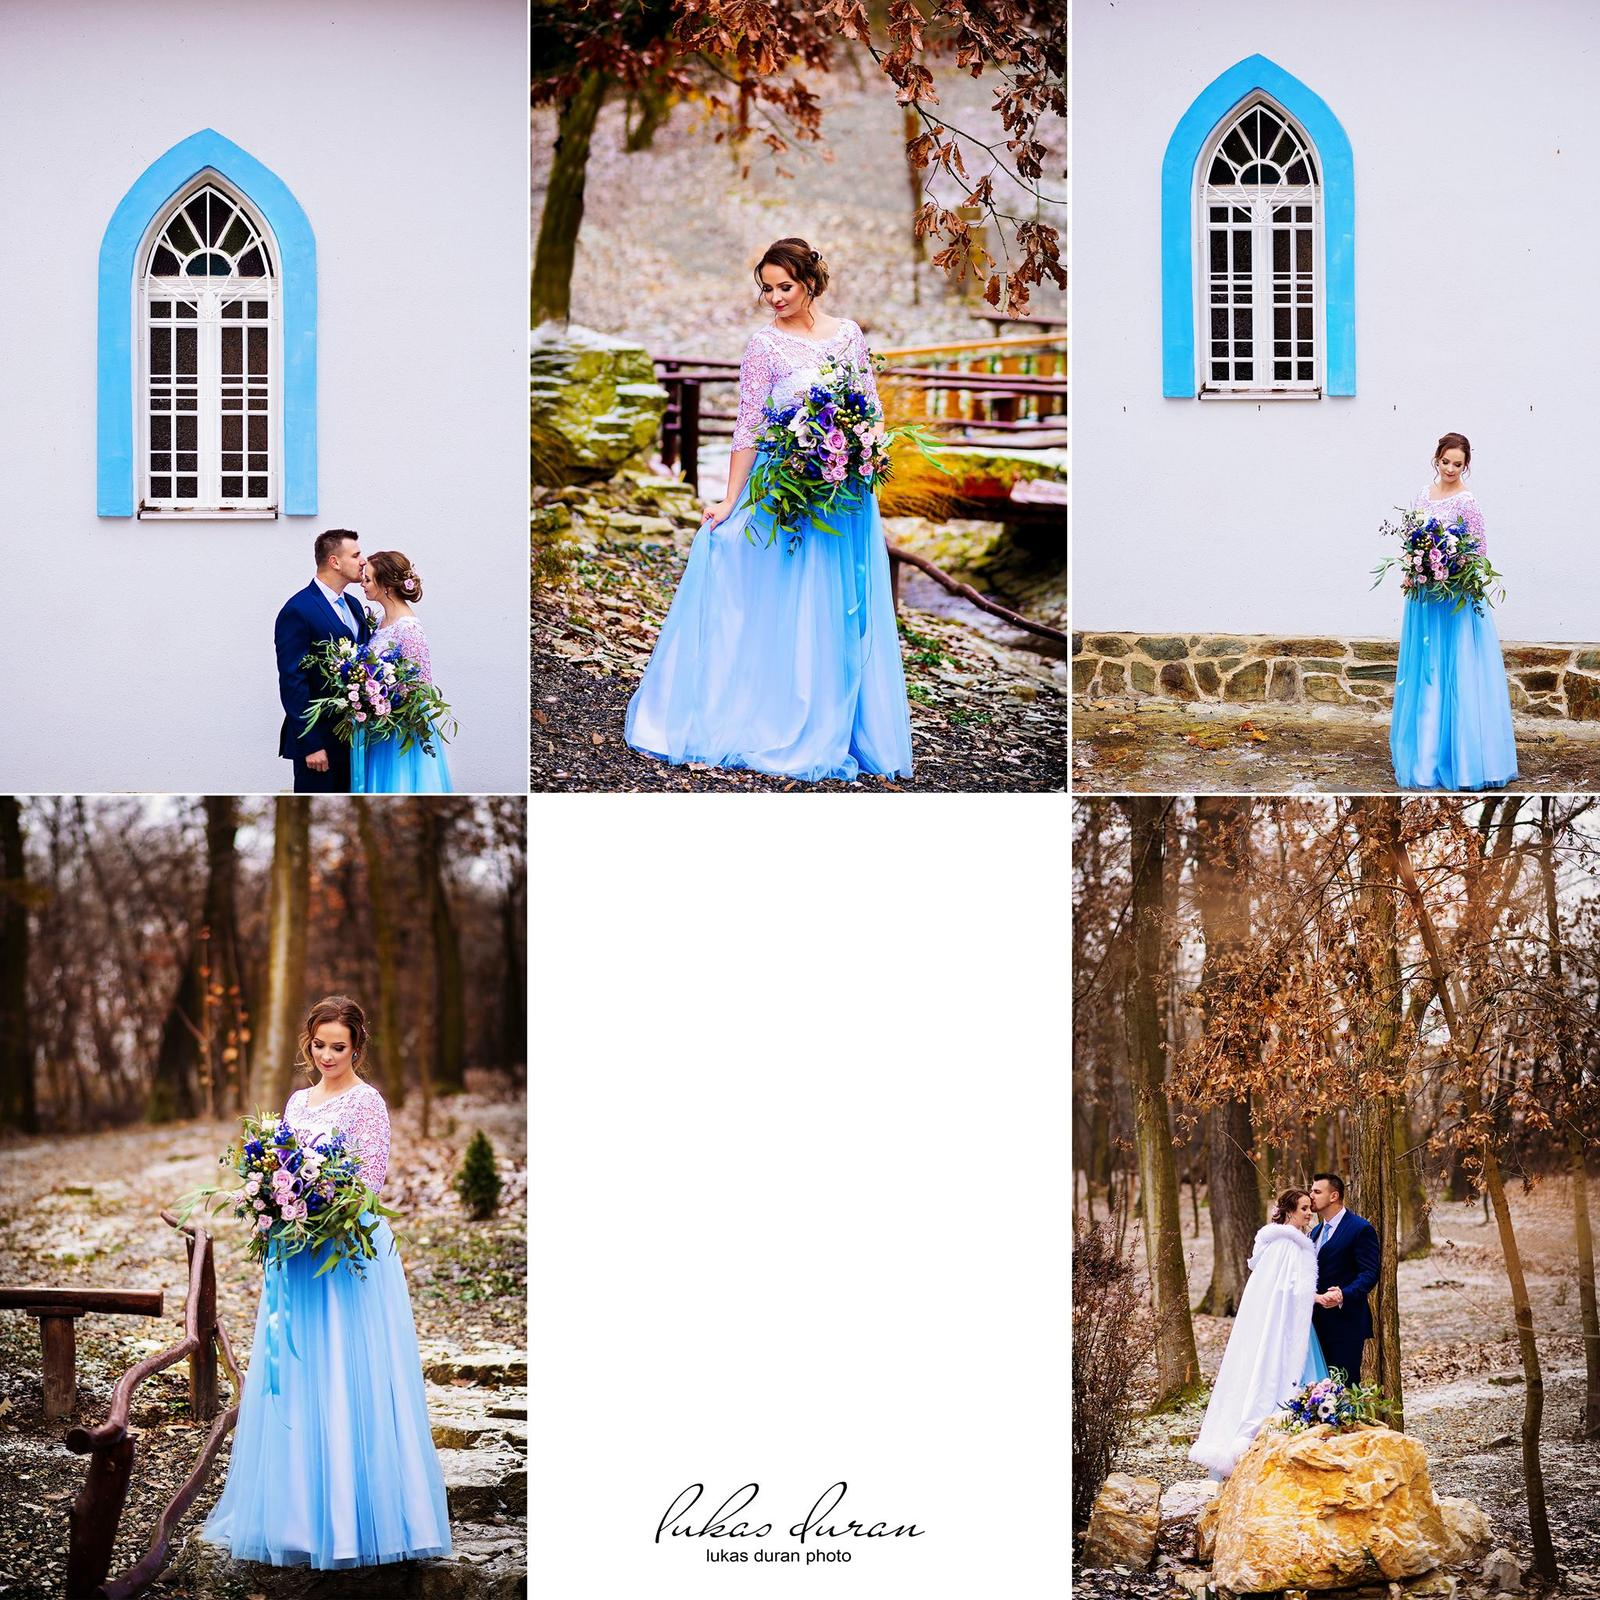 Moje svadobné fotografie - Obrázok č. 24